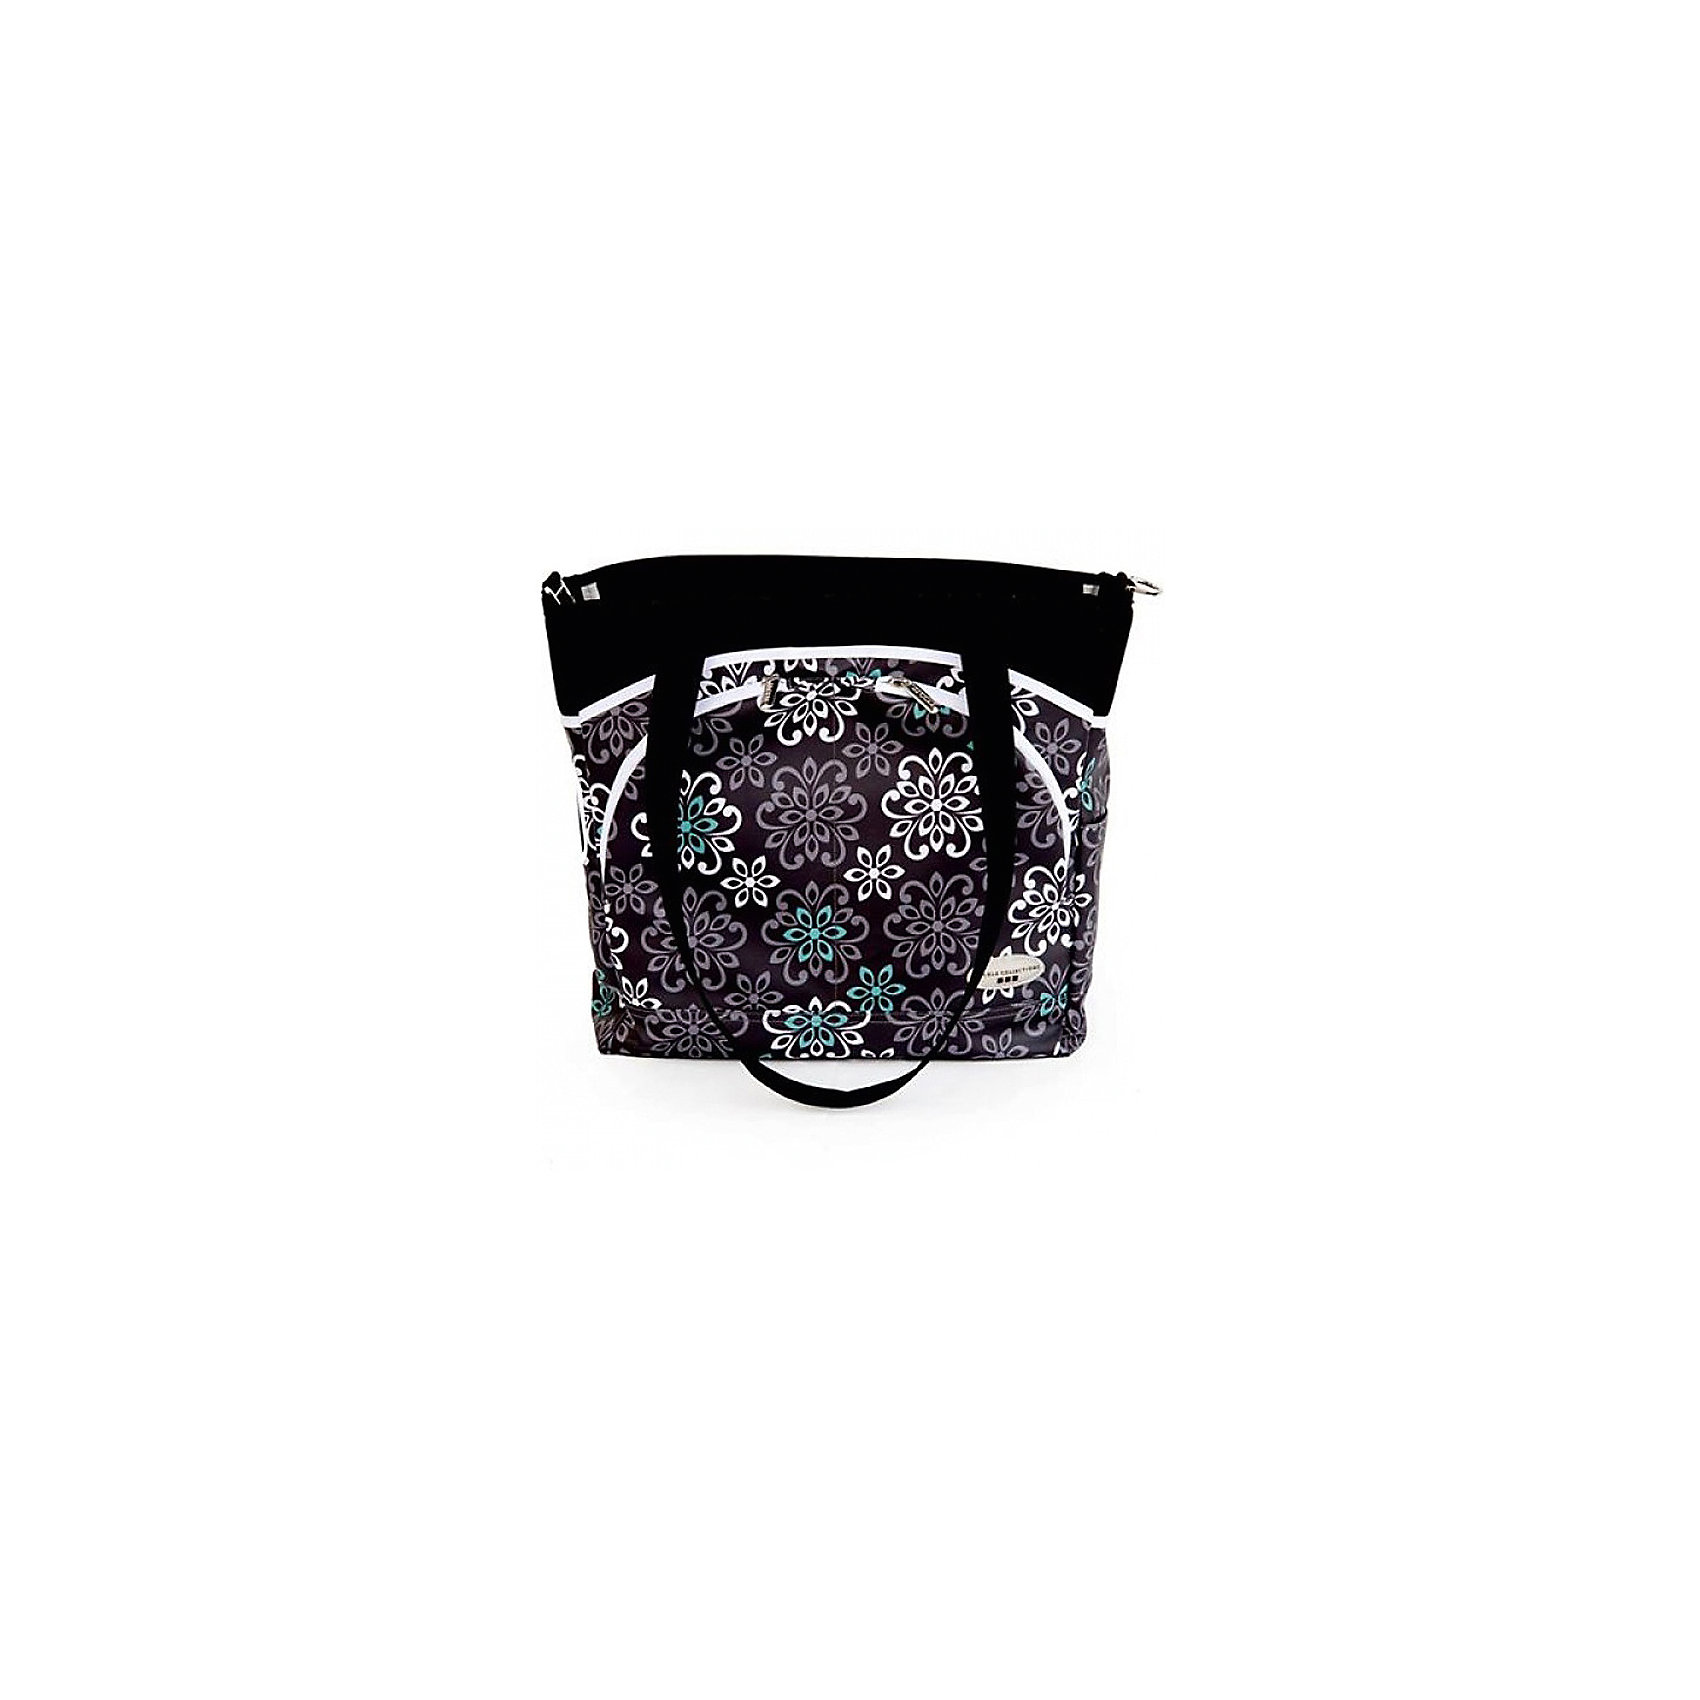 Сумка Mode,JJ Cole, черный с цветамиВместительная сумка для мамы имеет 12 внутренних и внешних карманов для удобного хранения и транспортировки всех детских принадлежностей и аксессуаров. В зависимости от ситуации сумку можно носить 3 способами: <br>как элегантную женскую сумку за ручки, с ремнем через плечо, и за специальные нескользящие крепления к коляске. <br><br>Дополнительная информация: <br><br>- Размер сумки: 14.5х13.5х5 см.<br>- Материал: текстиль.<br>- Цвет: черный с цветочным орнаментом.<br><br>Купить сумку Mode от JJ Cole, можно в нашем магазине.<br><br>Ширина мм: 120<br>Глубина мм: 450<br>Высота мм: 400<br>Вес г: 900<br>Возраст от месяцев: 0<br>Возраст до месяцев: 588<br>Пол: Унисекс<br>Возраст: Детский<br>SKU: 5093581